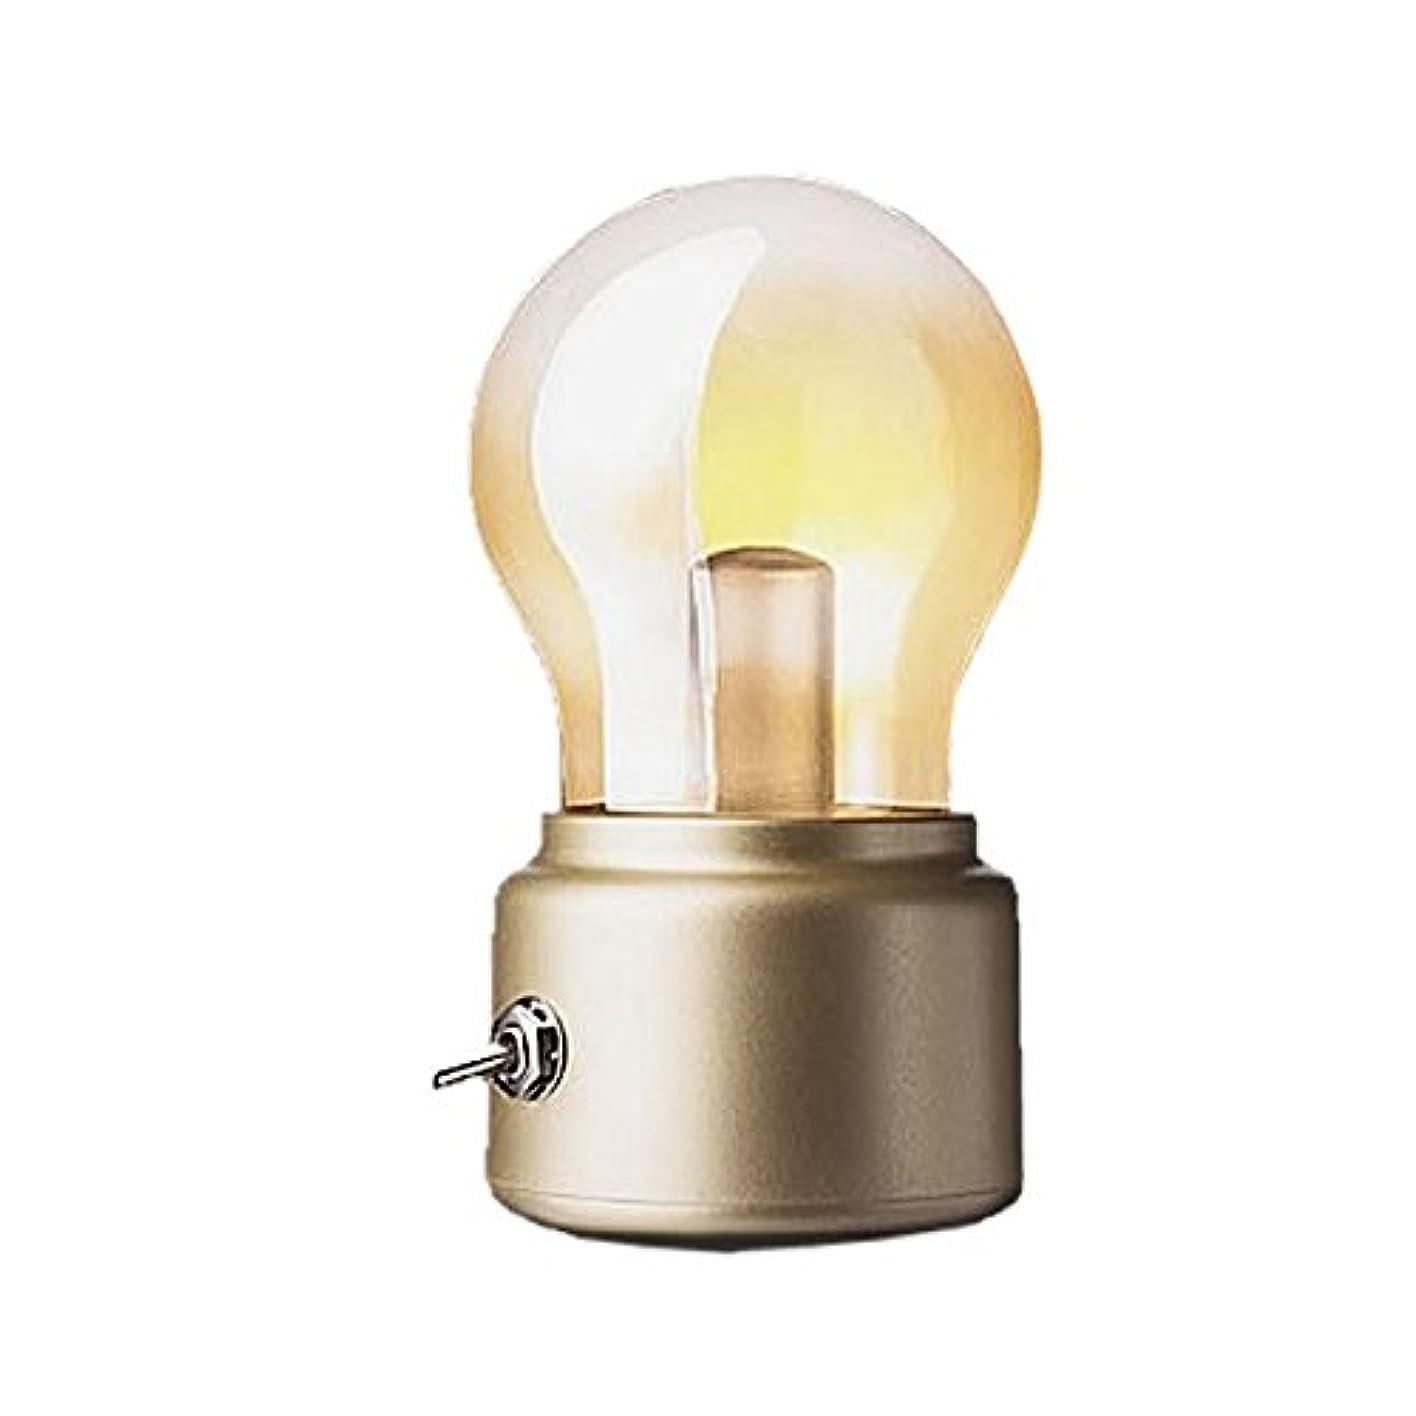 定数アソシエイト首相1stモール USB LEDライト 球灯 電球 アウトドア デスクライト ワンタッチ ブラック (ゴールド) ST-TAMAHI-GD